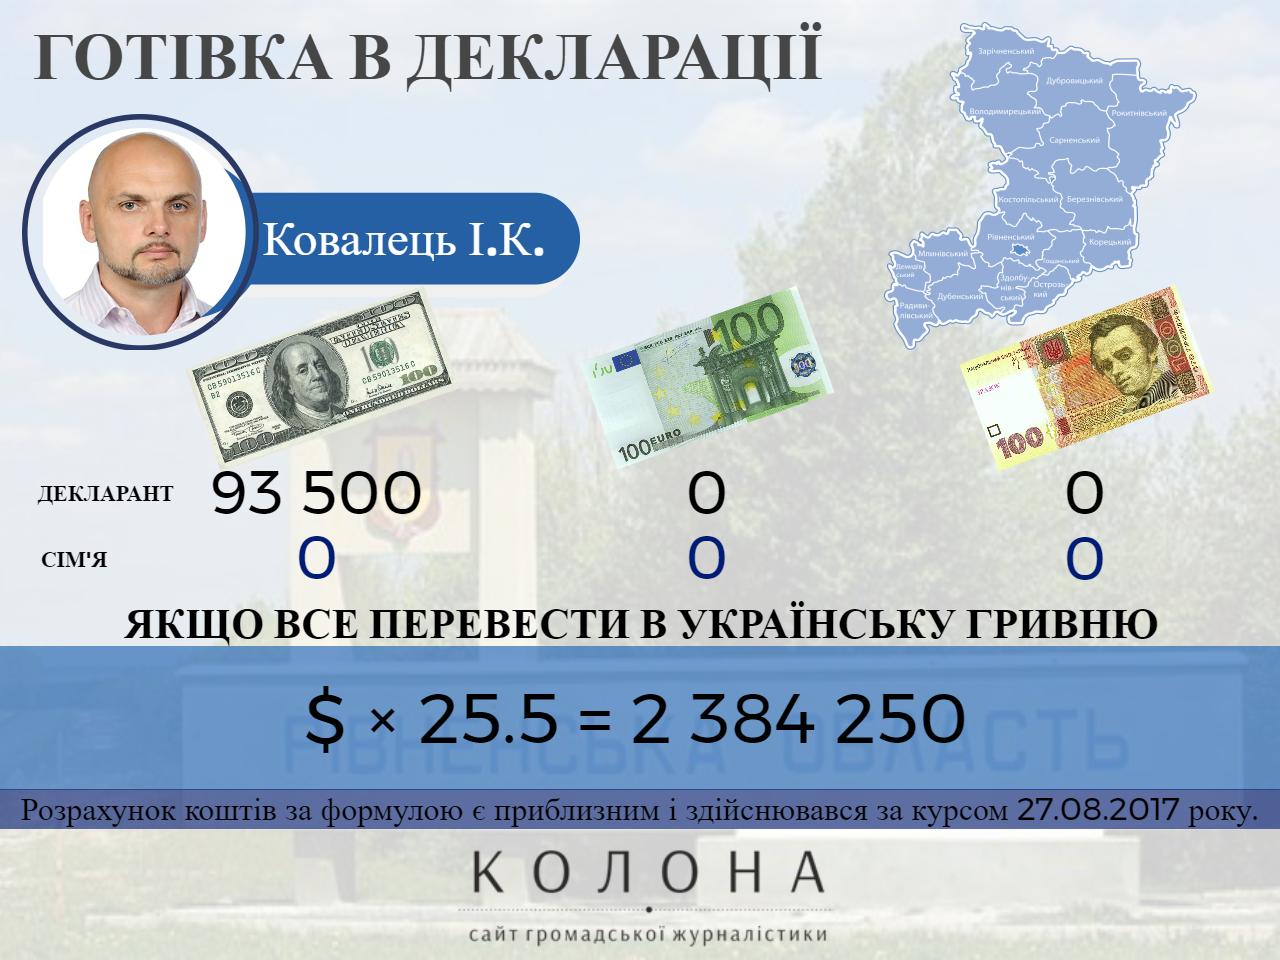 Ковалець Ігор Костянтинович